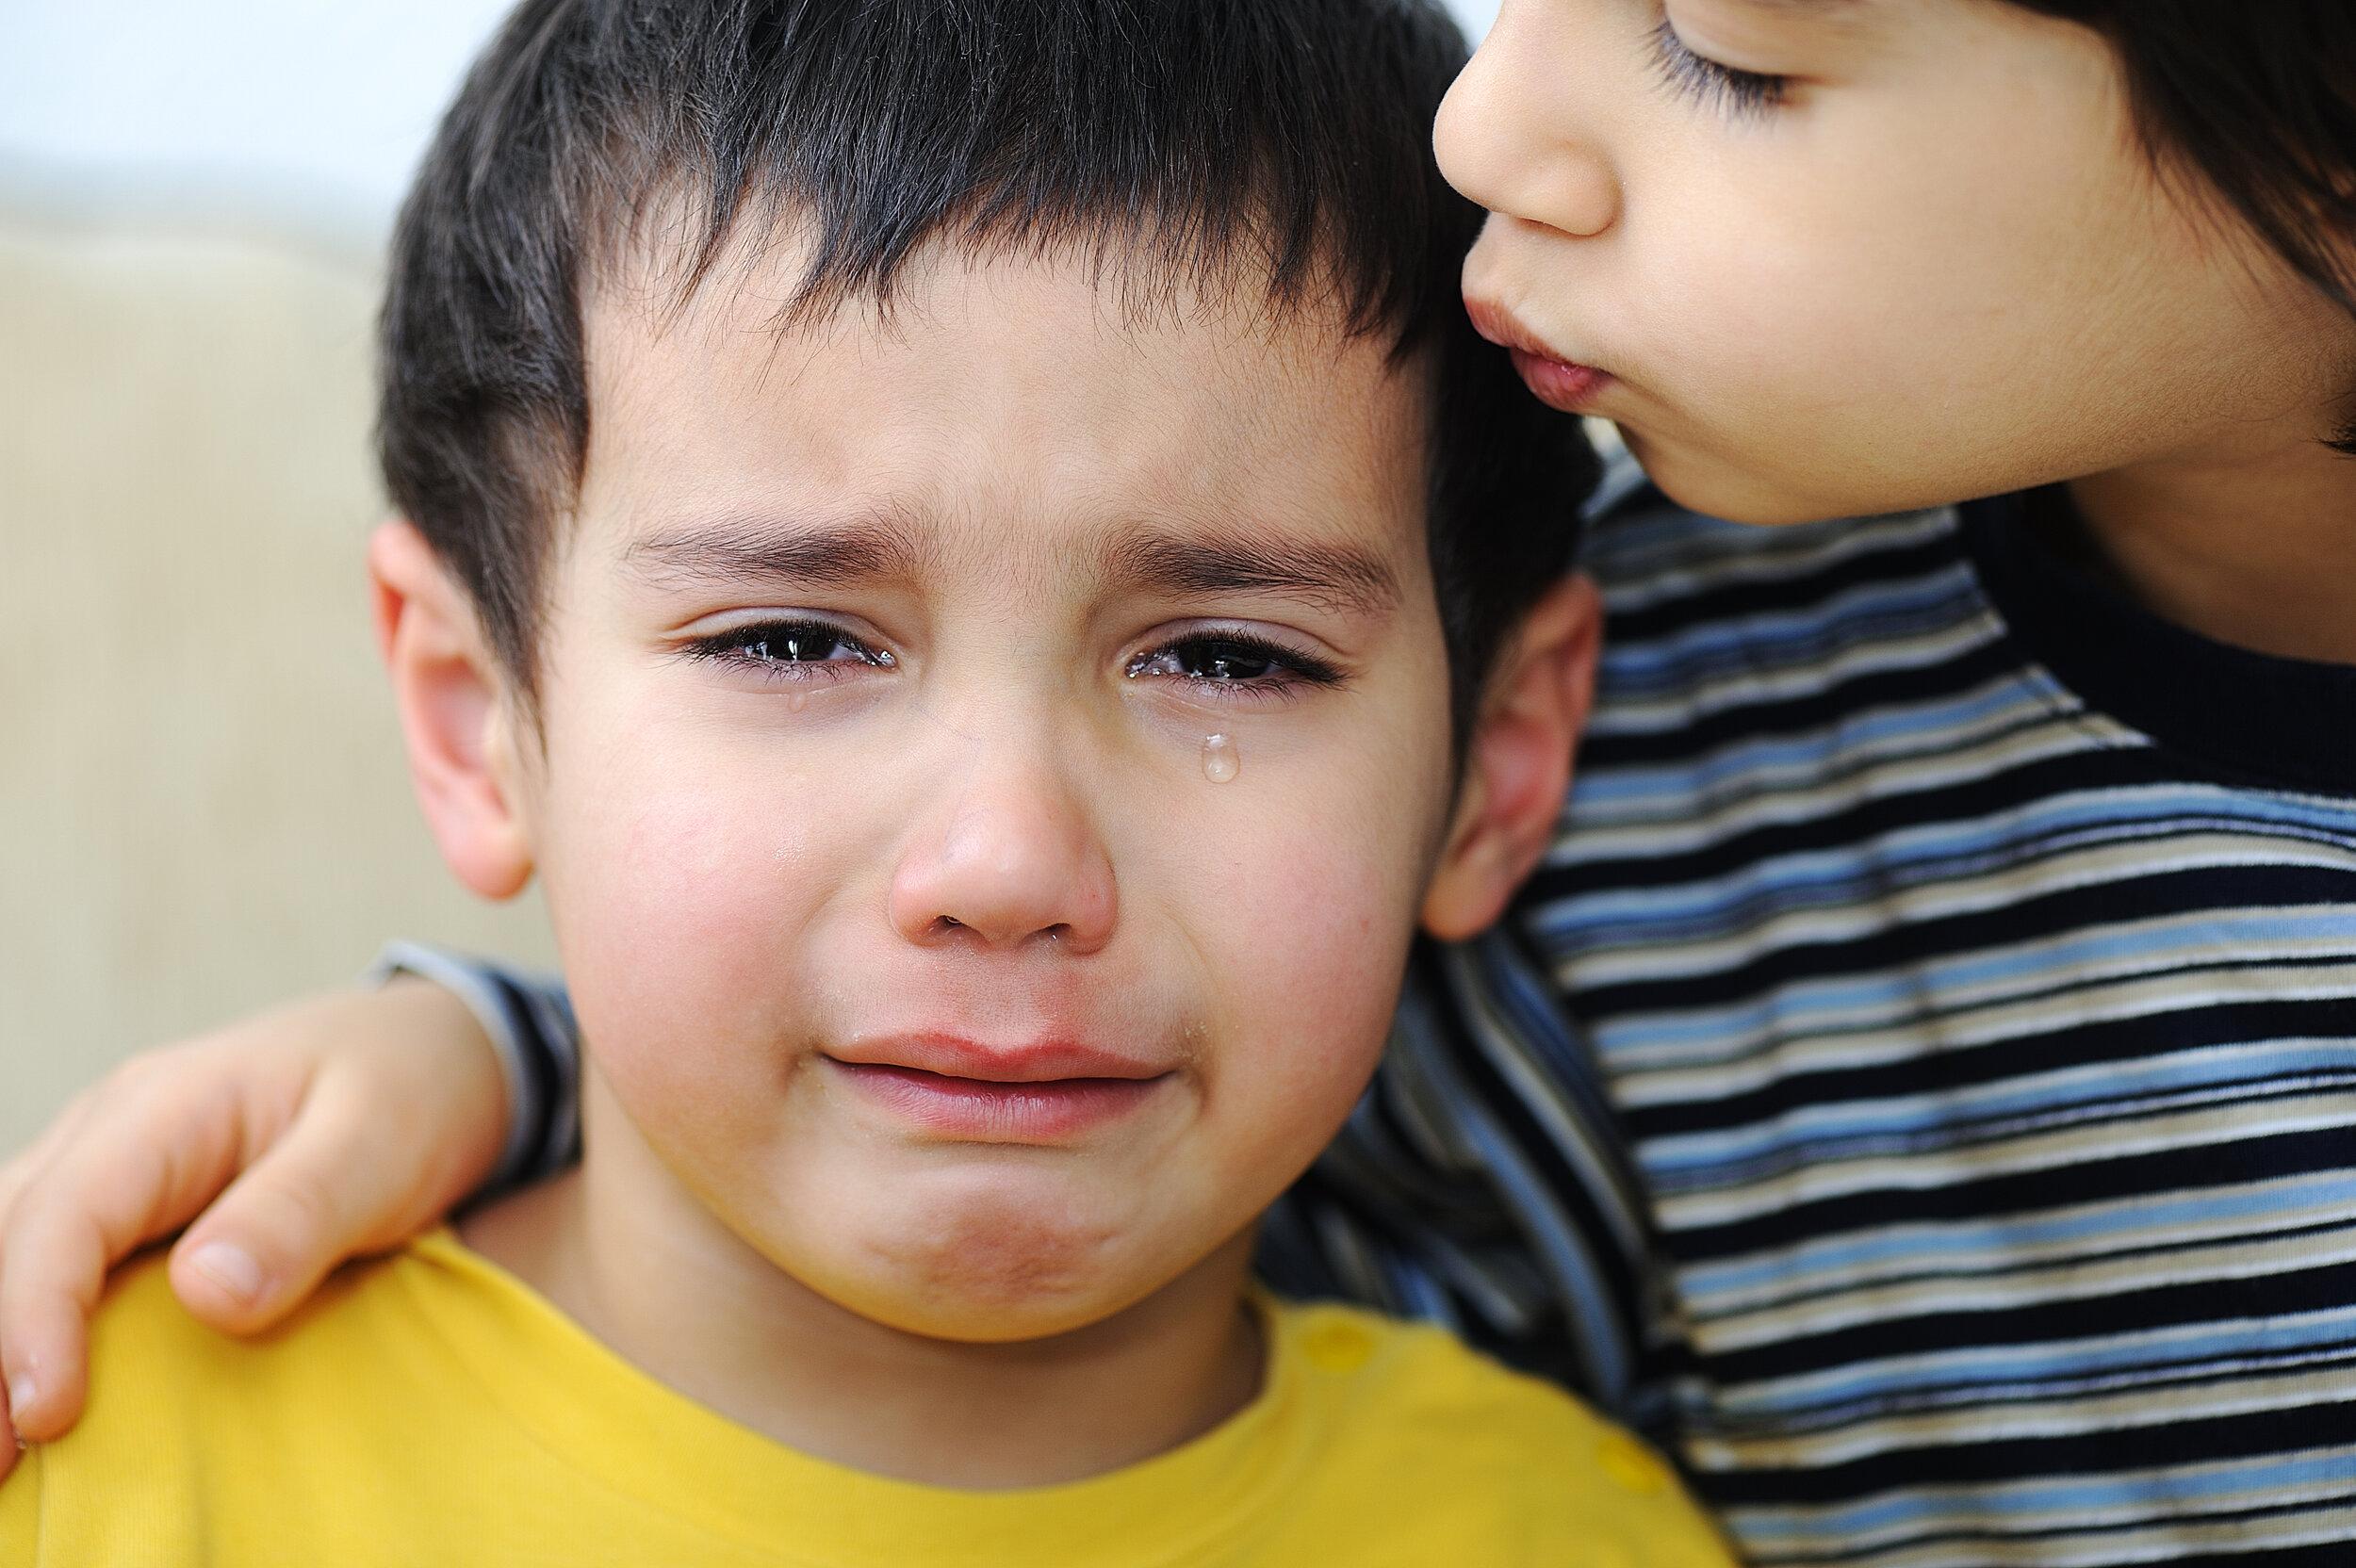 crying-kid-emotional-scene_BYxbrYBaSi.jpg